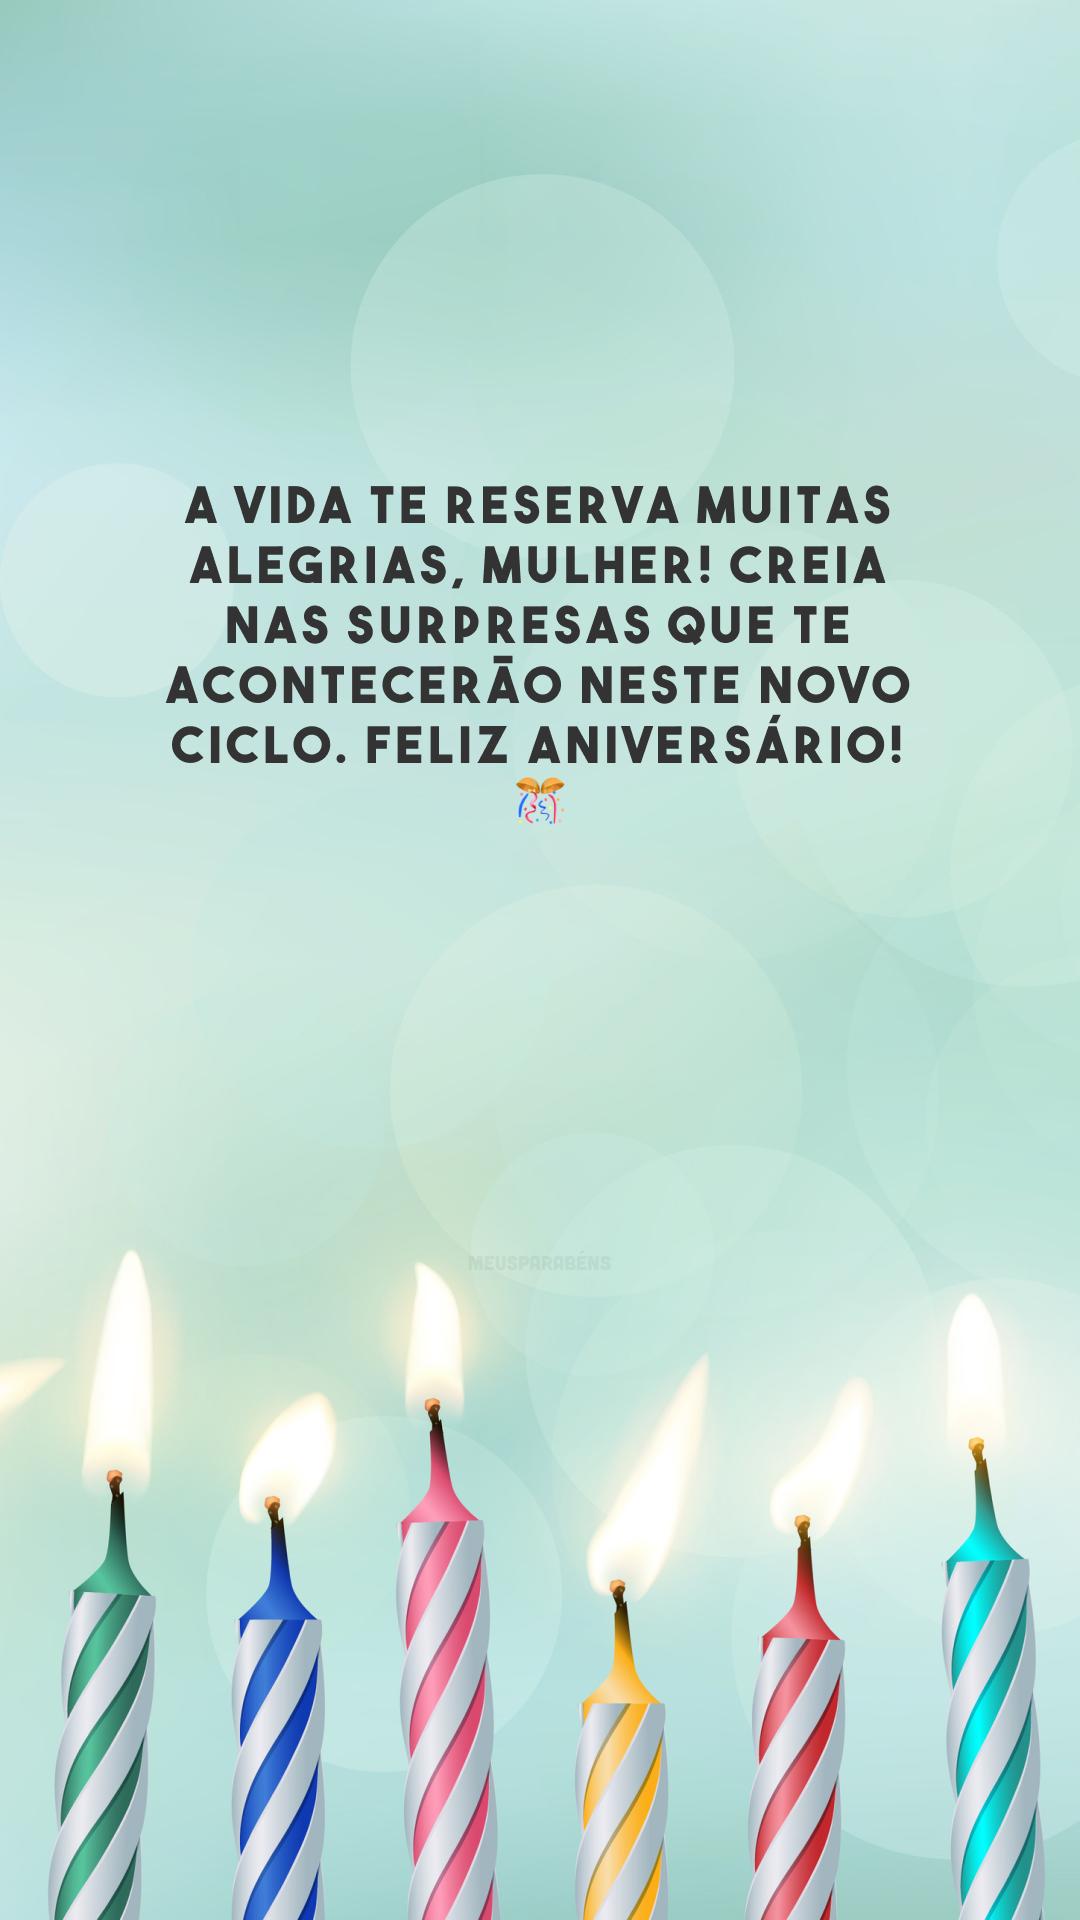 A vida te reserva muitas alegrias, mulher! Creia nas surpresas que te acontecerão neste novo ciclo. Feliz aniversário! 🎊